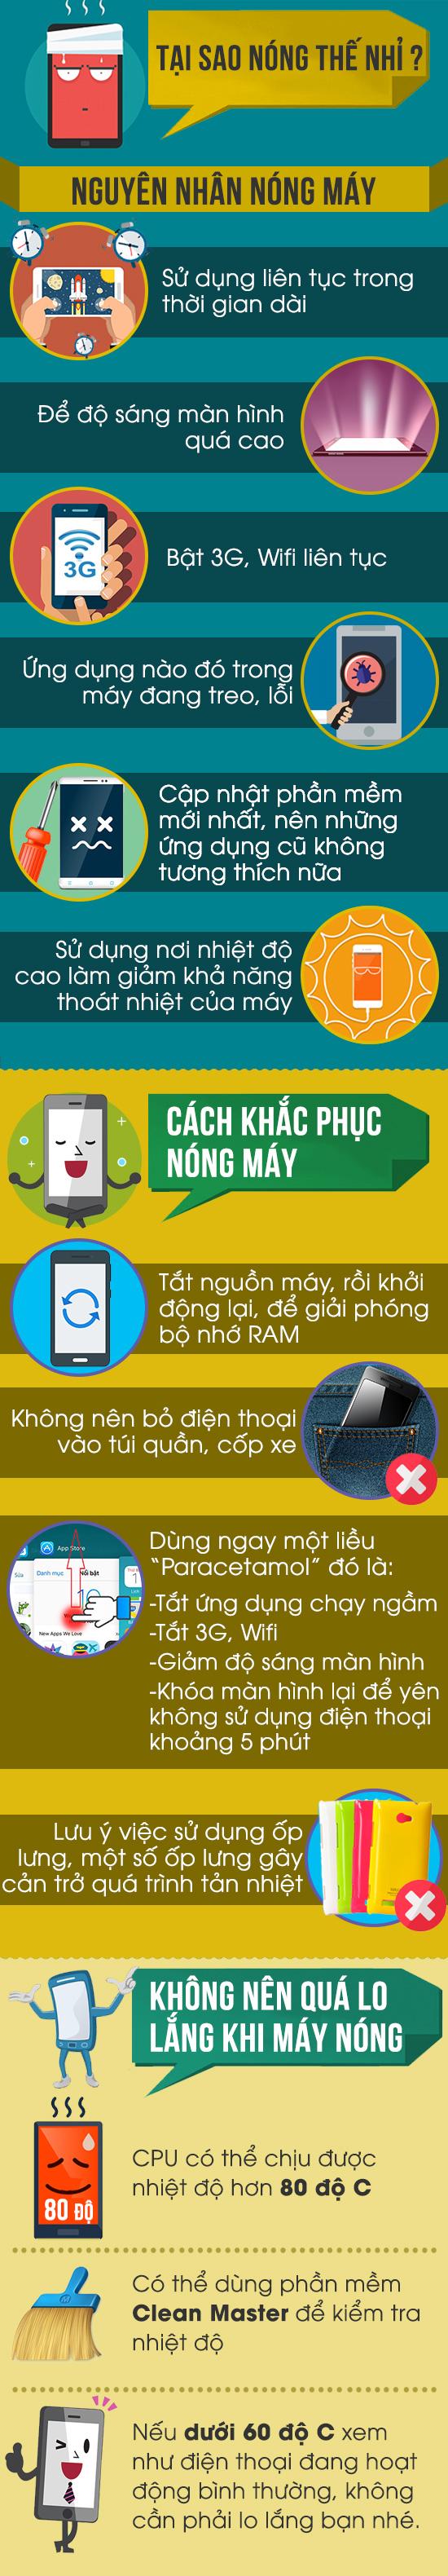 cach-khac-phuc-dien-thoai-bi-nong